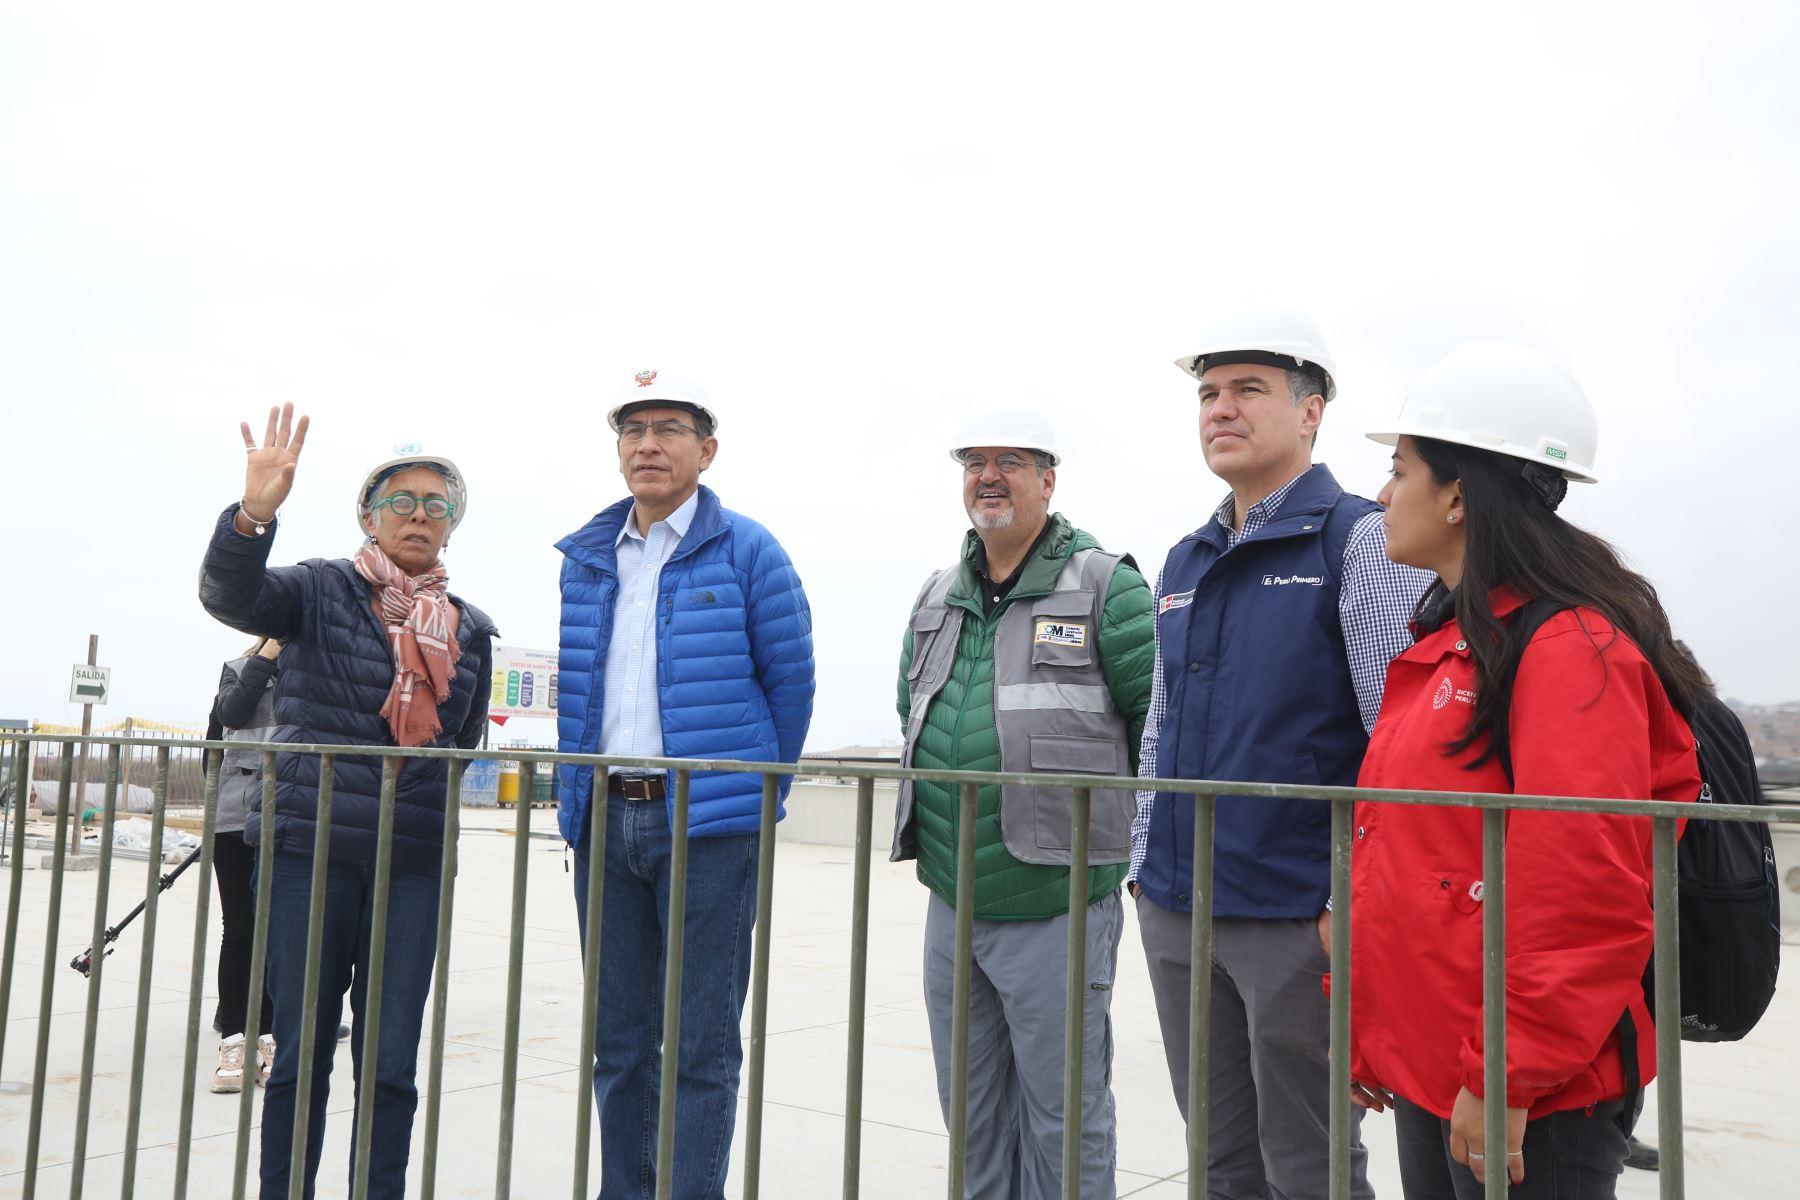 El presidente Martín Vizcarra, el primer ministro ; Salvador del Solar y el ministro de Cultura, Luis Jaime Castillo  supervisan las instalaciones del Museo Nacional del Perú ( MUNA ), en Pachacamac, lugar donde estarán representadas la historia y culturas ancestrales del Perú. Foto: PCM